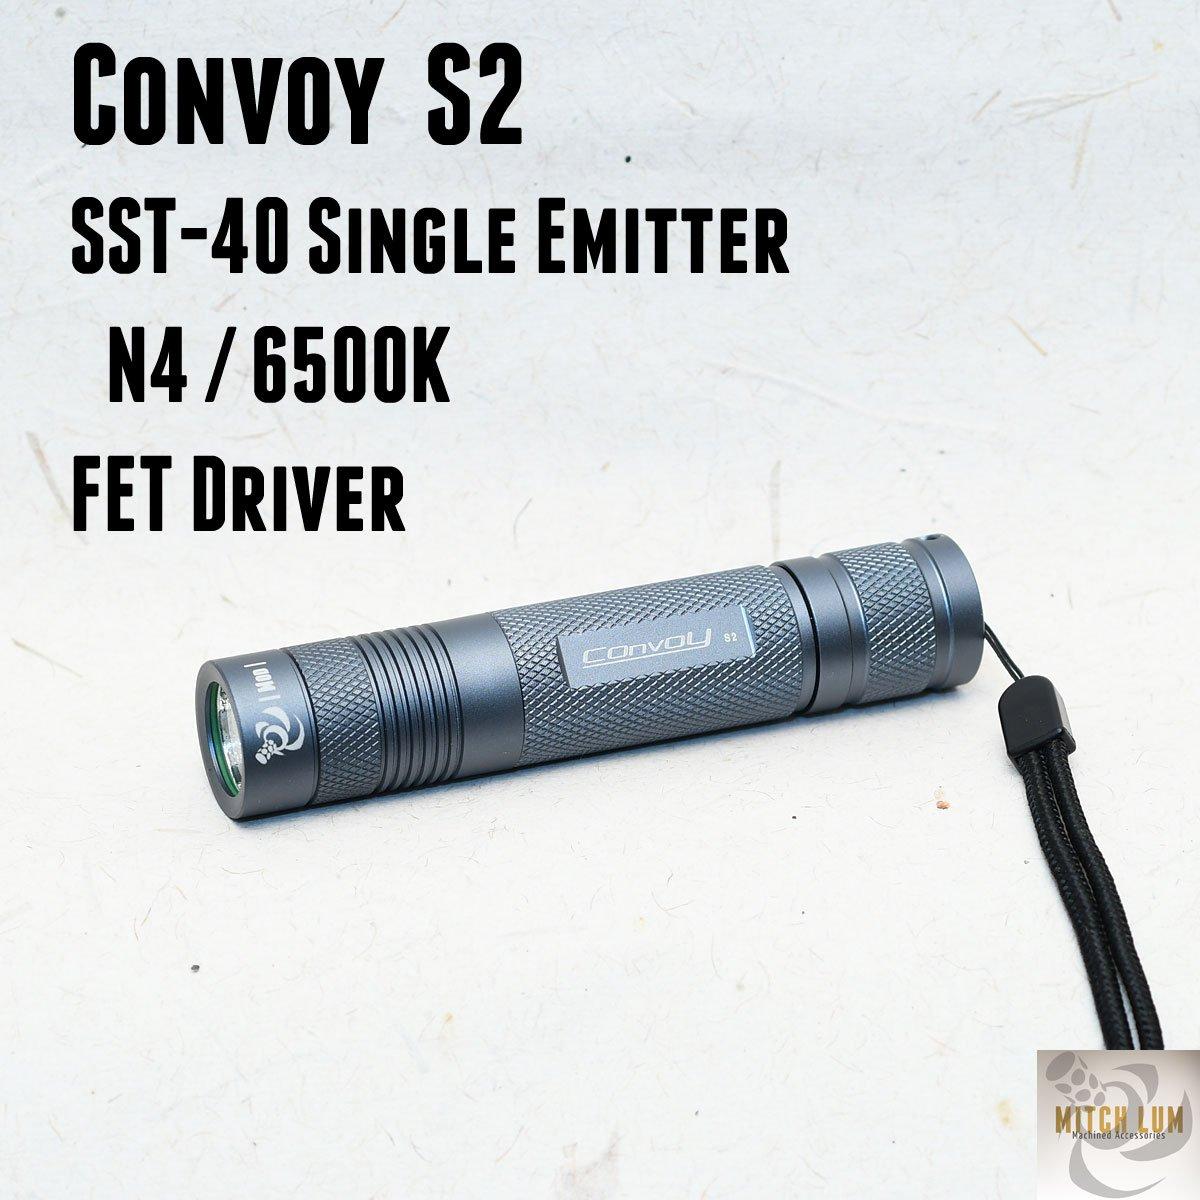 Convoy S2